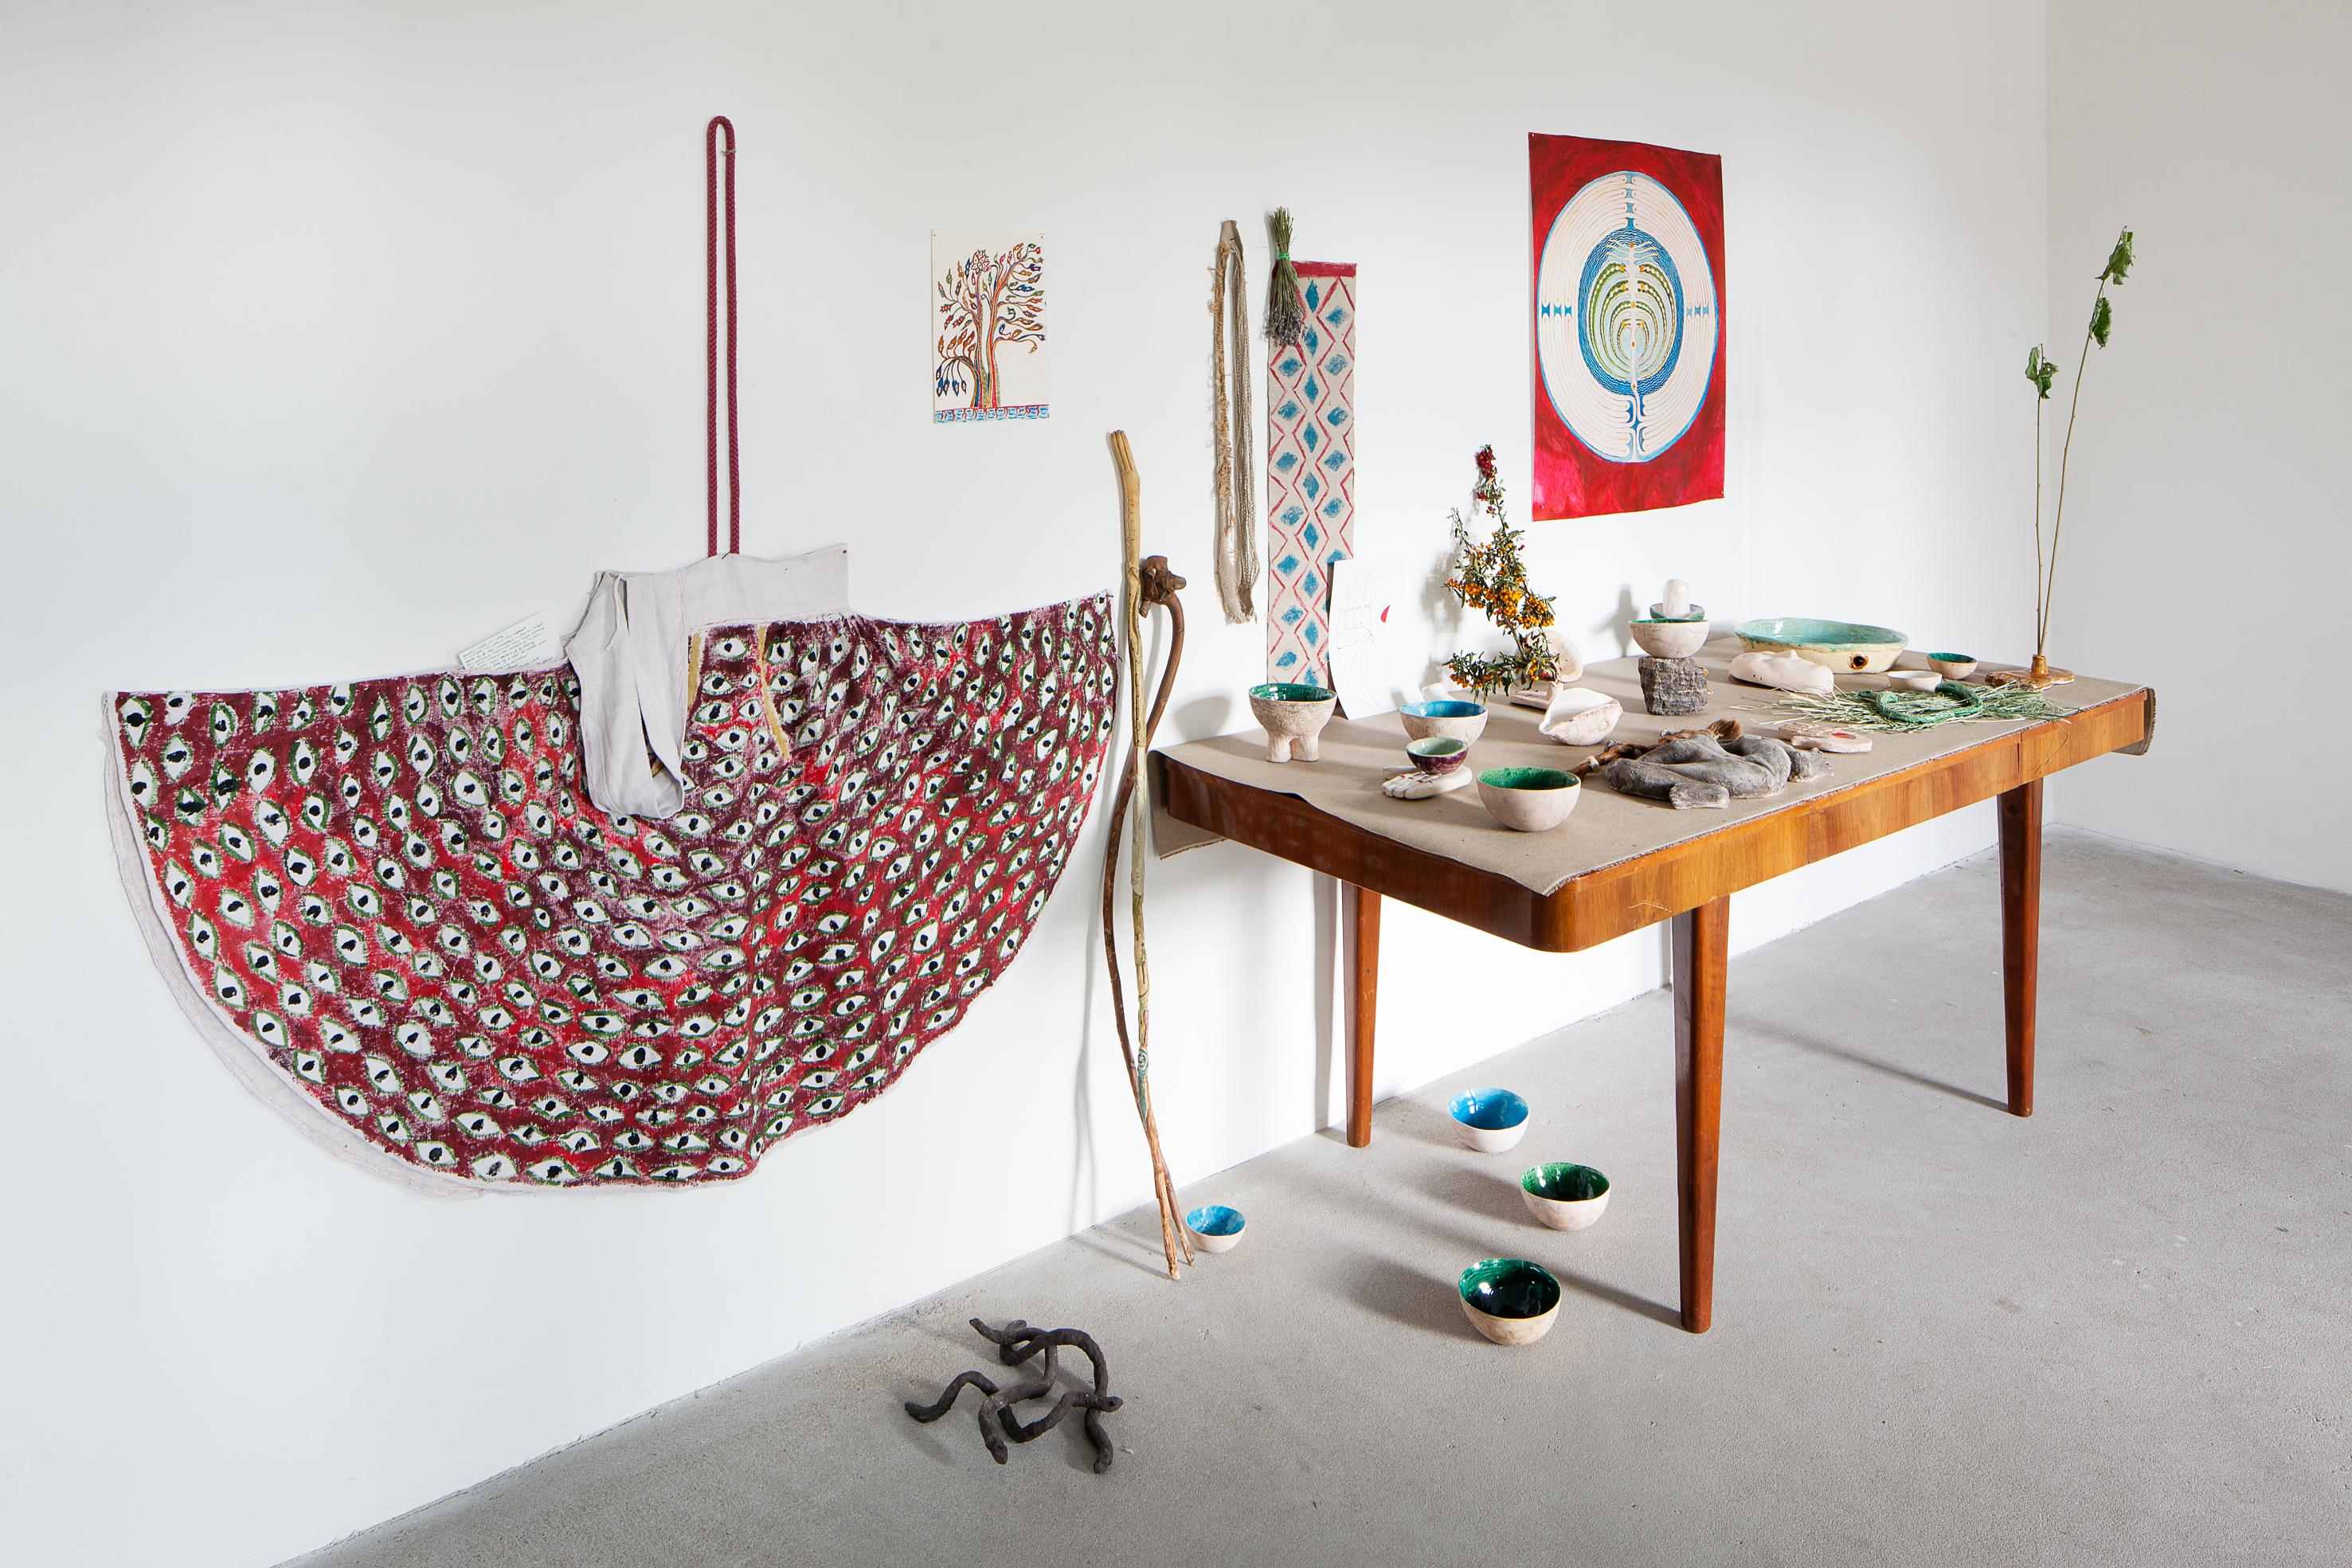 Habima Fuchs, instalacja, SVIT, 2013